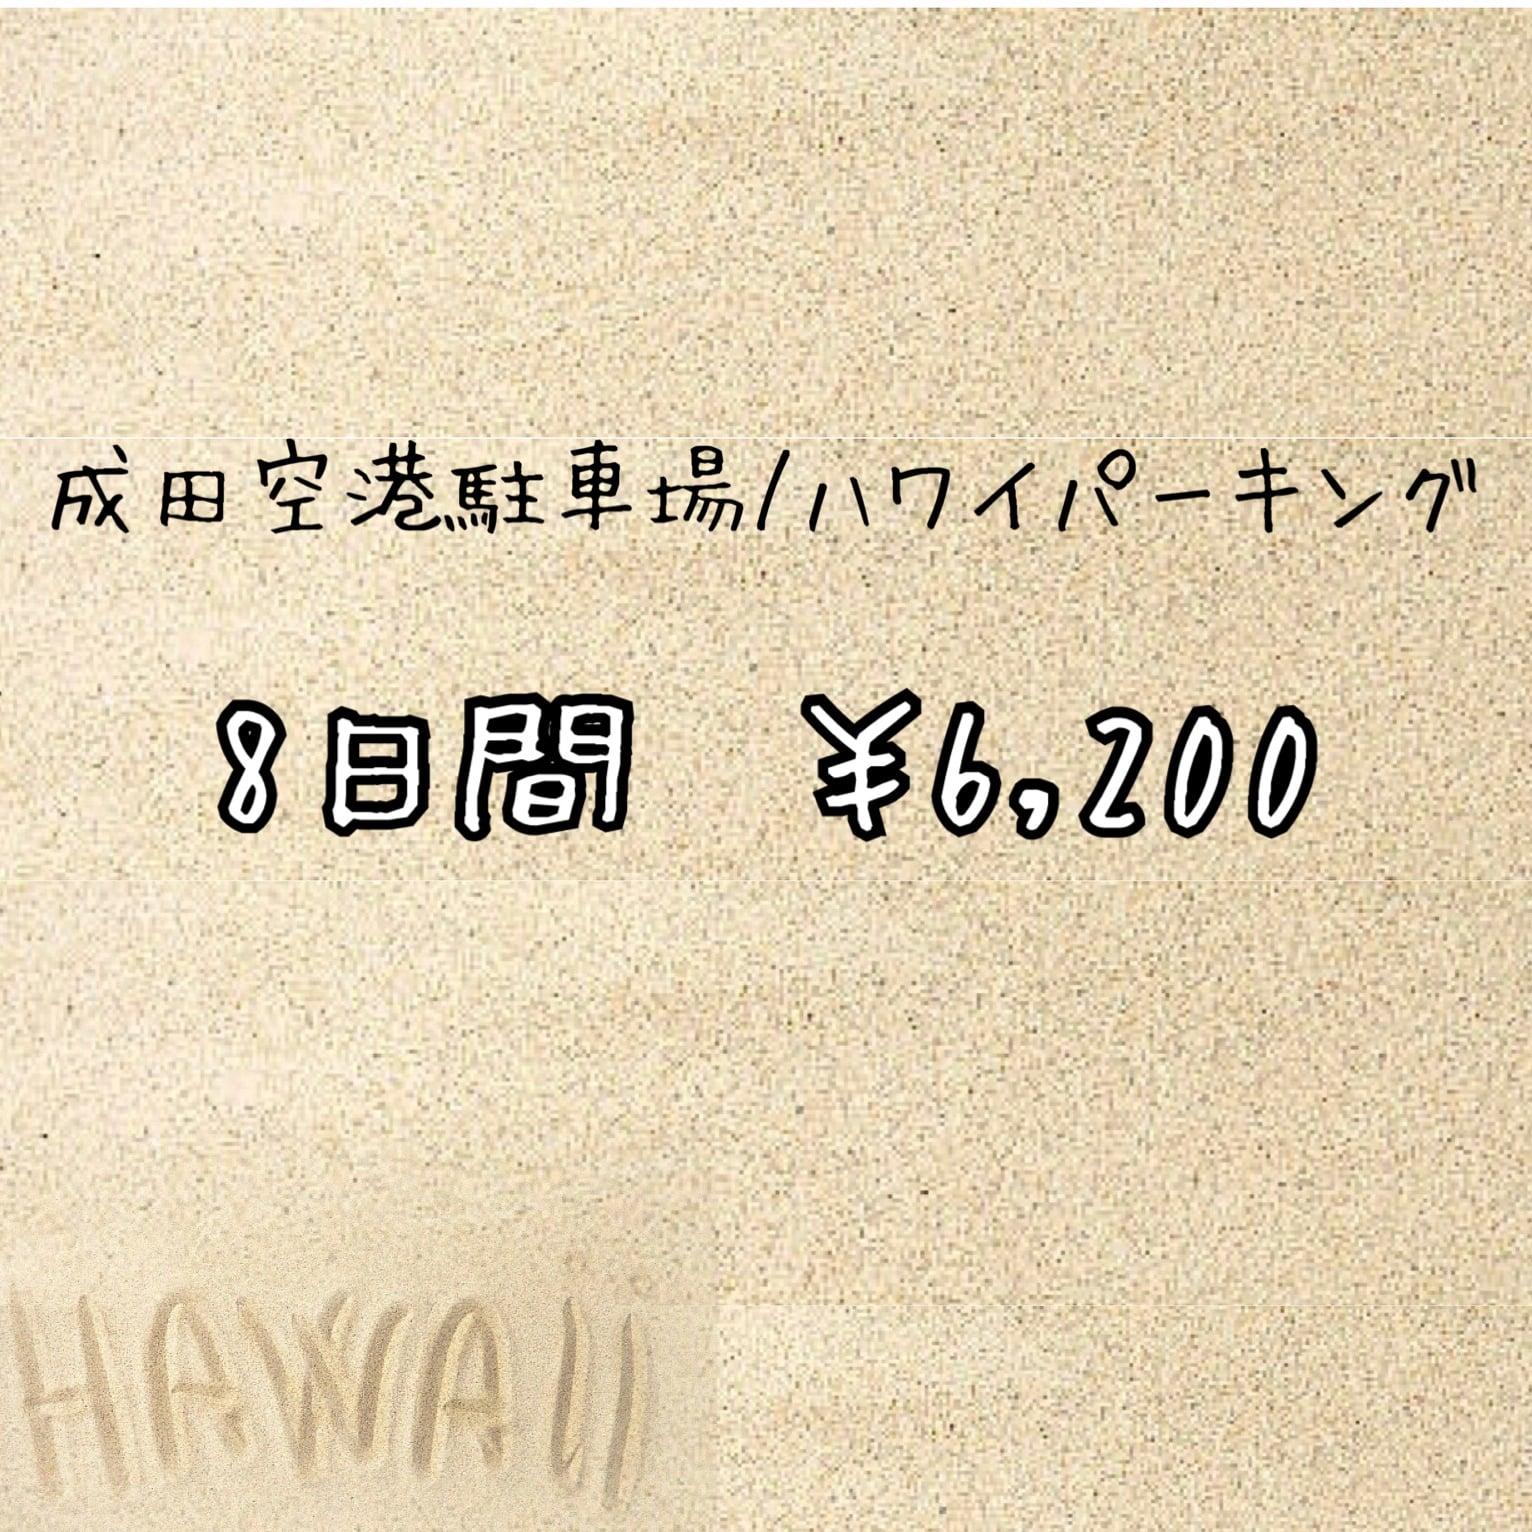 8日間/¥6200【成田空港駐車場・料金】のイメージその1